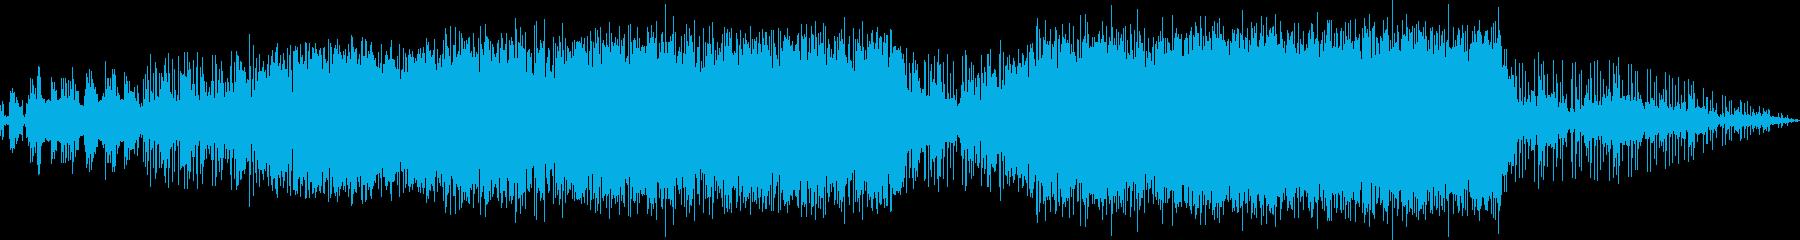 エアリアル センチメンタル アクシ...の再生済みの波形